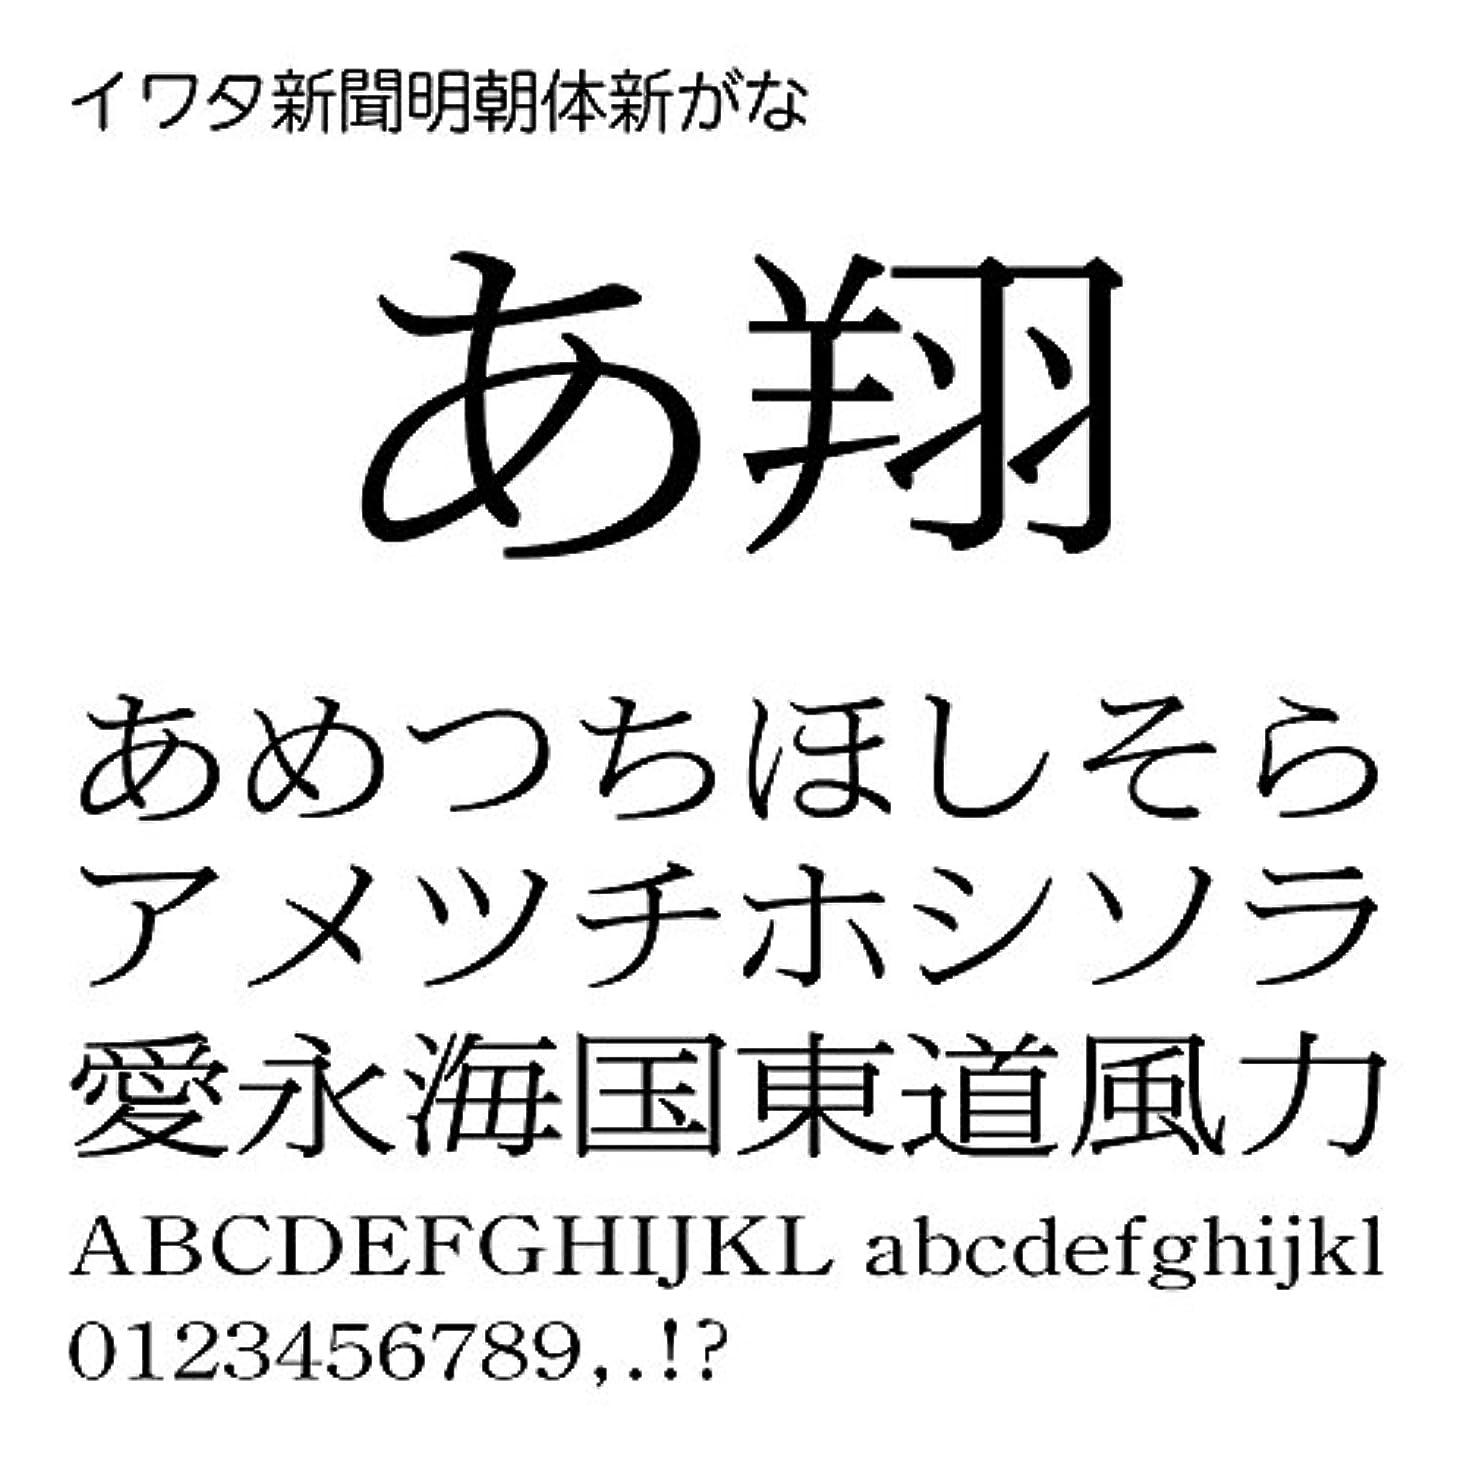 イワタ新聞明朝体新がなPro OpenType Font for Windows [ダウンロード]